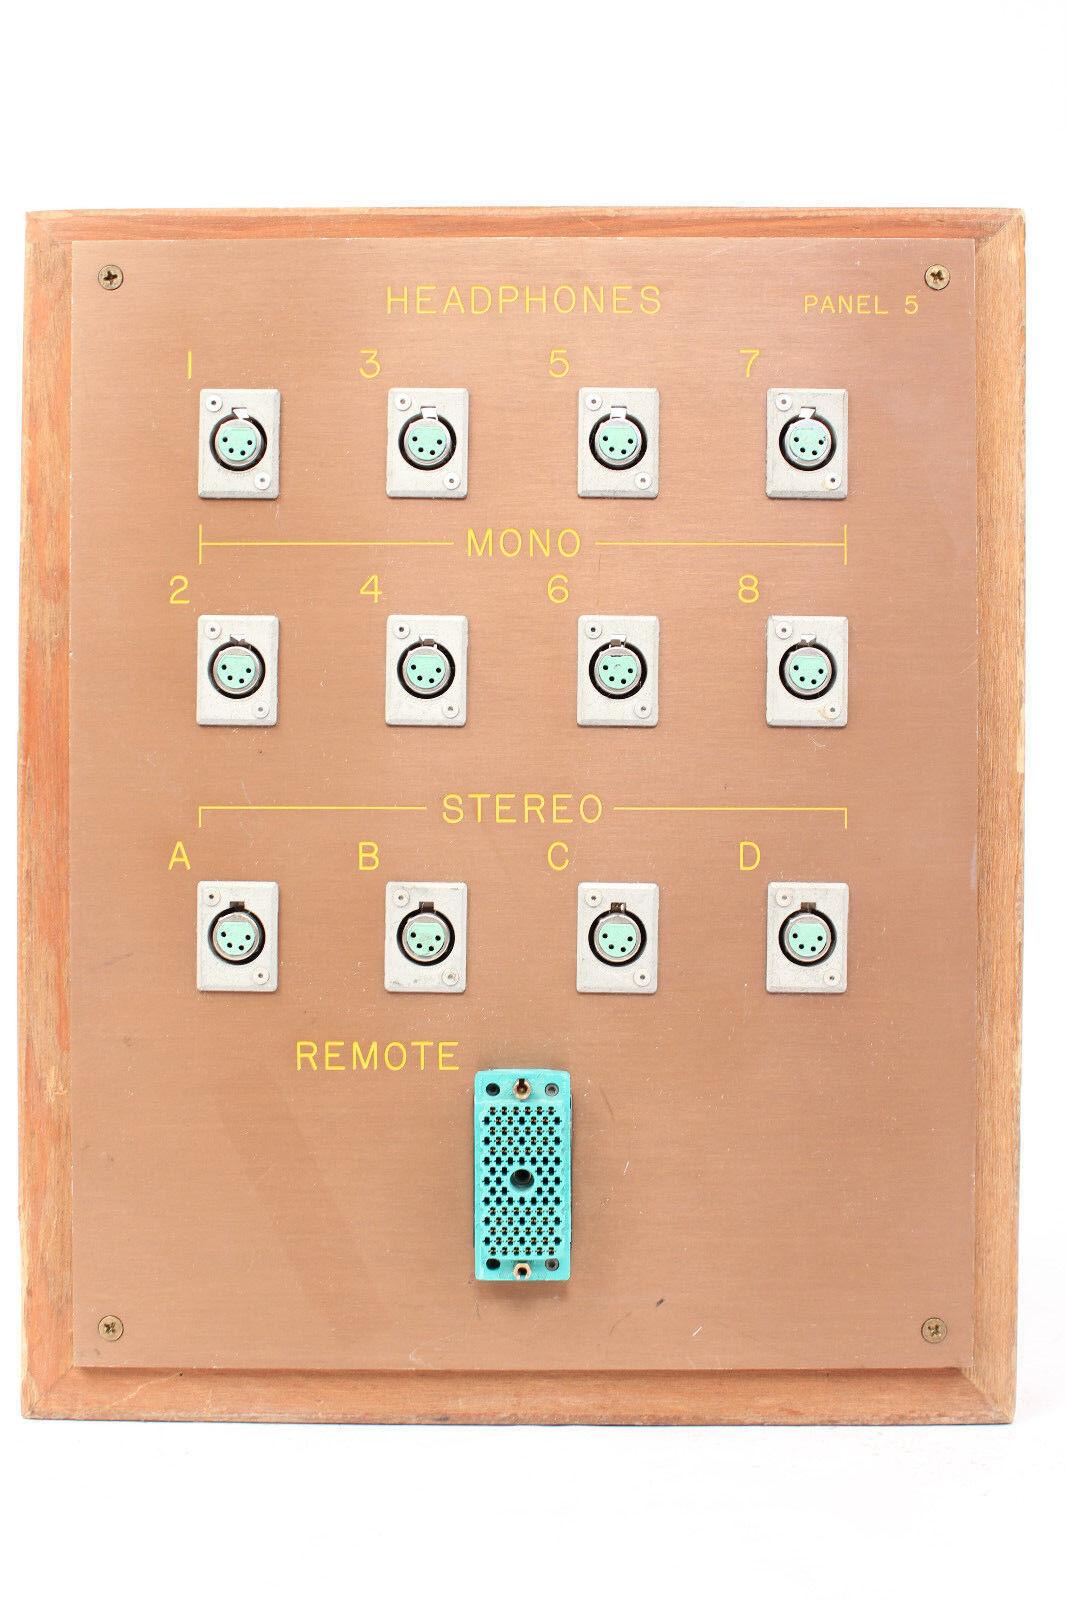 Panel de Parche Bahía Bahía Bahía de Auriculares Personalizada con 12x 4-Pin XLRF Conectores y 1x 90-Pin Elco  5  solo cómpralo